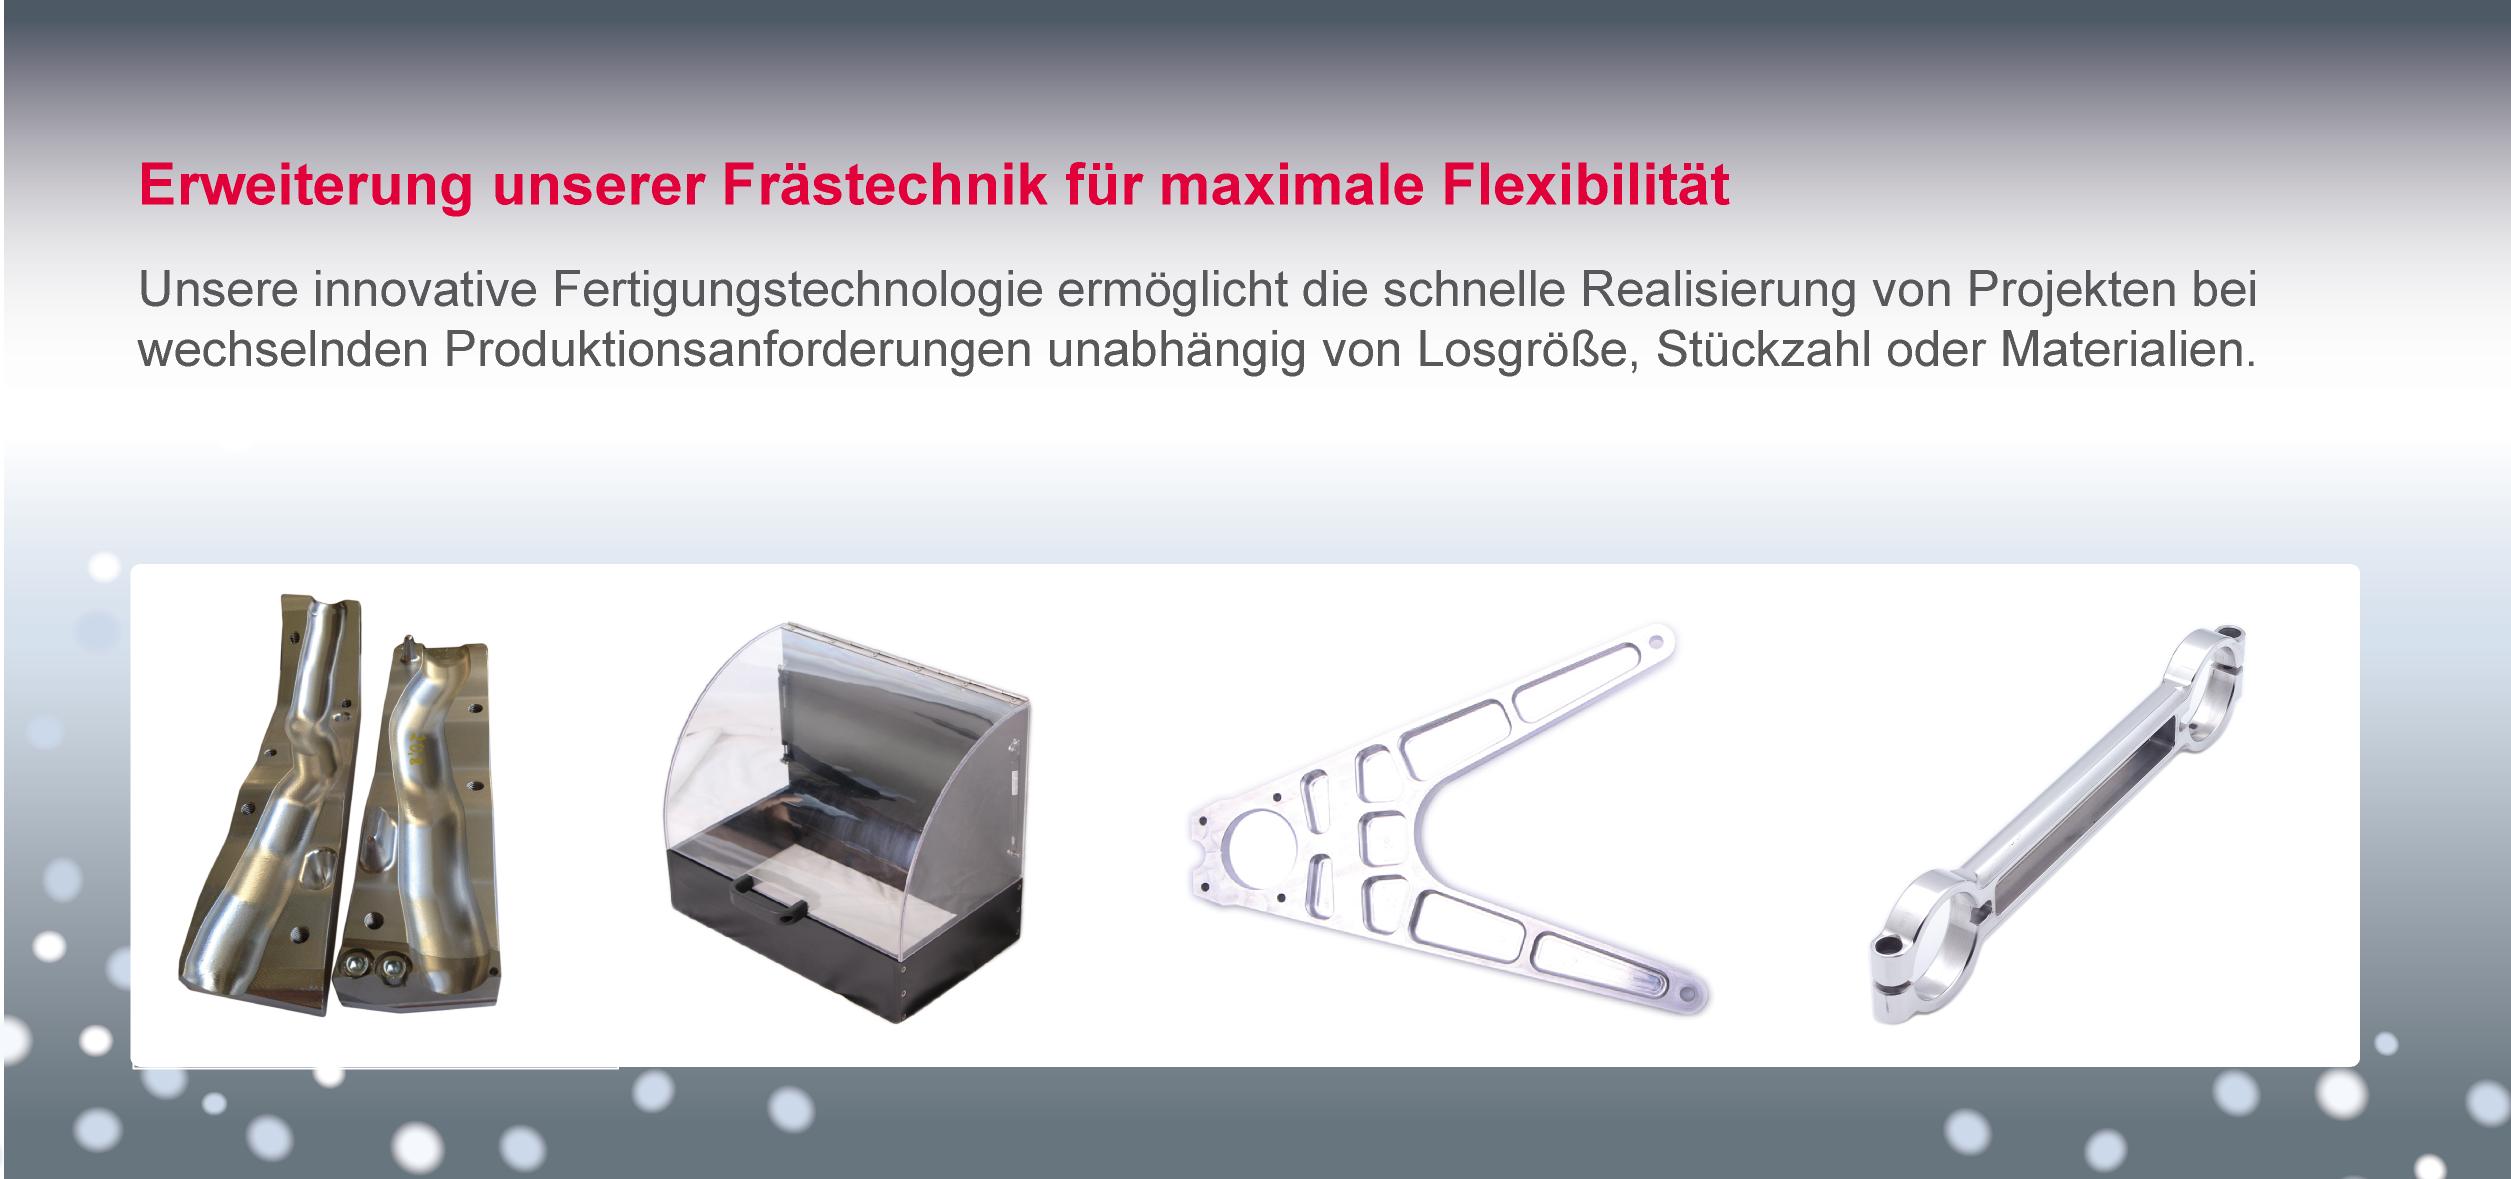 Flyer-Bilder-1 NEU: Mehr Variationen CNC-Fräsen